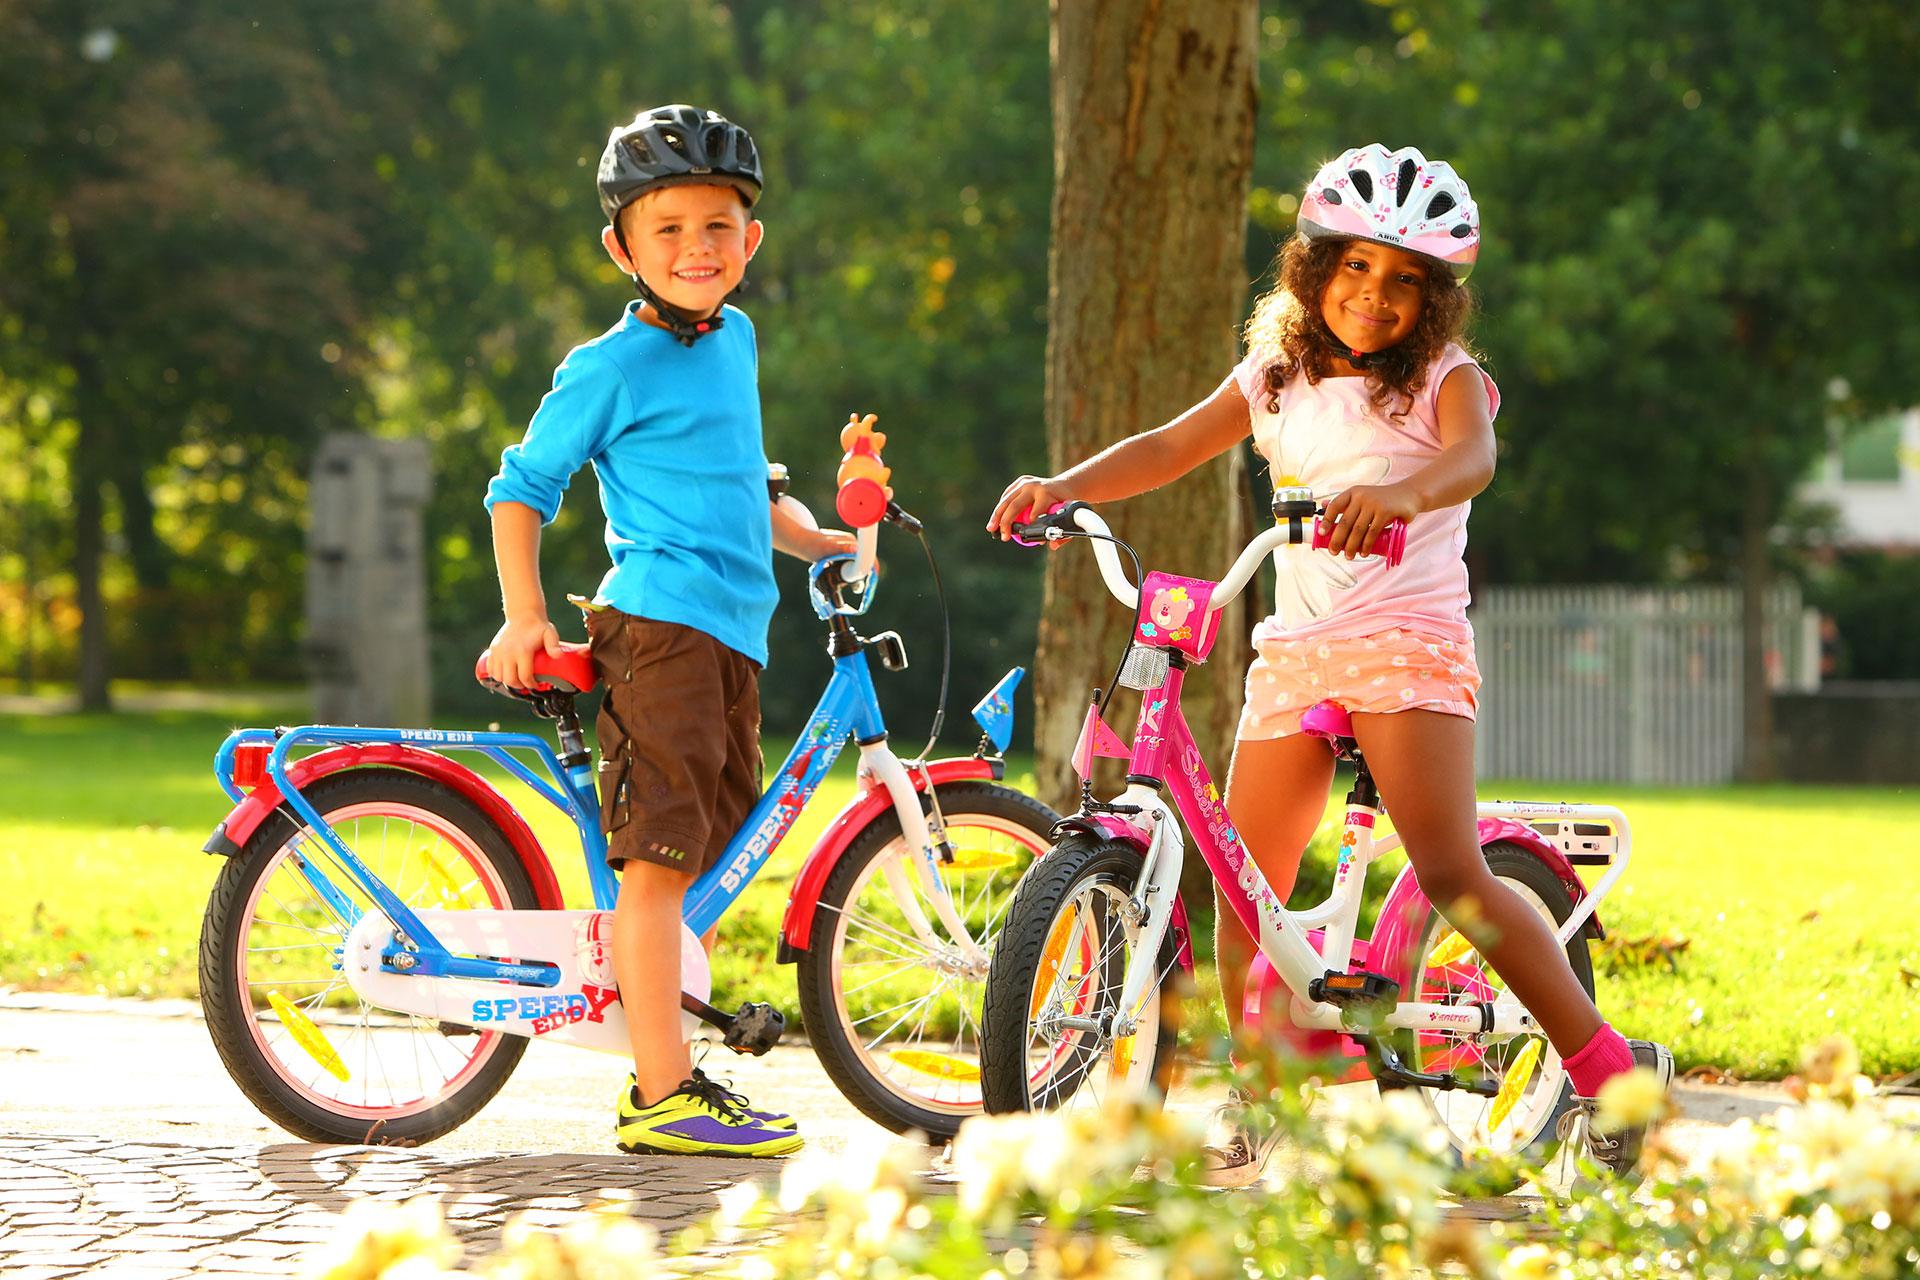 stor teknik til små cyklister